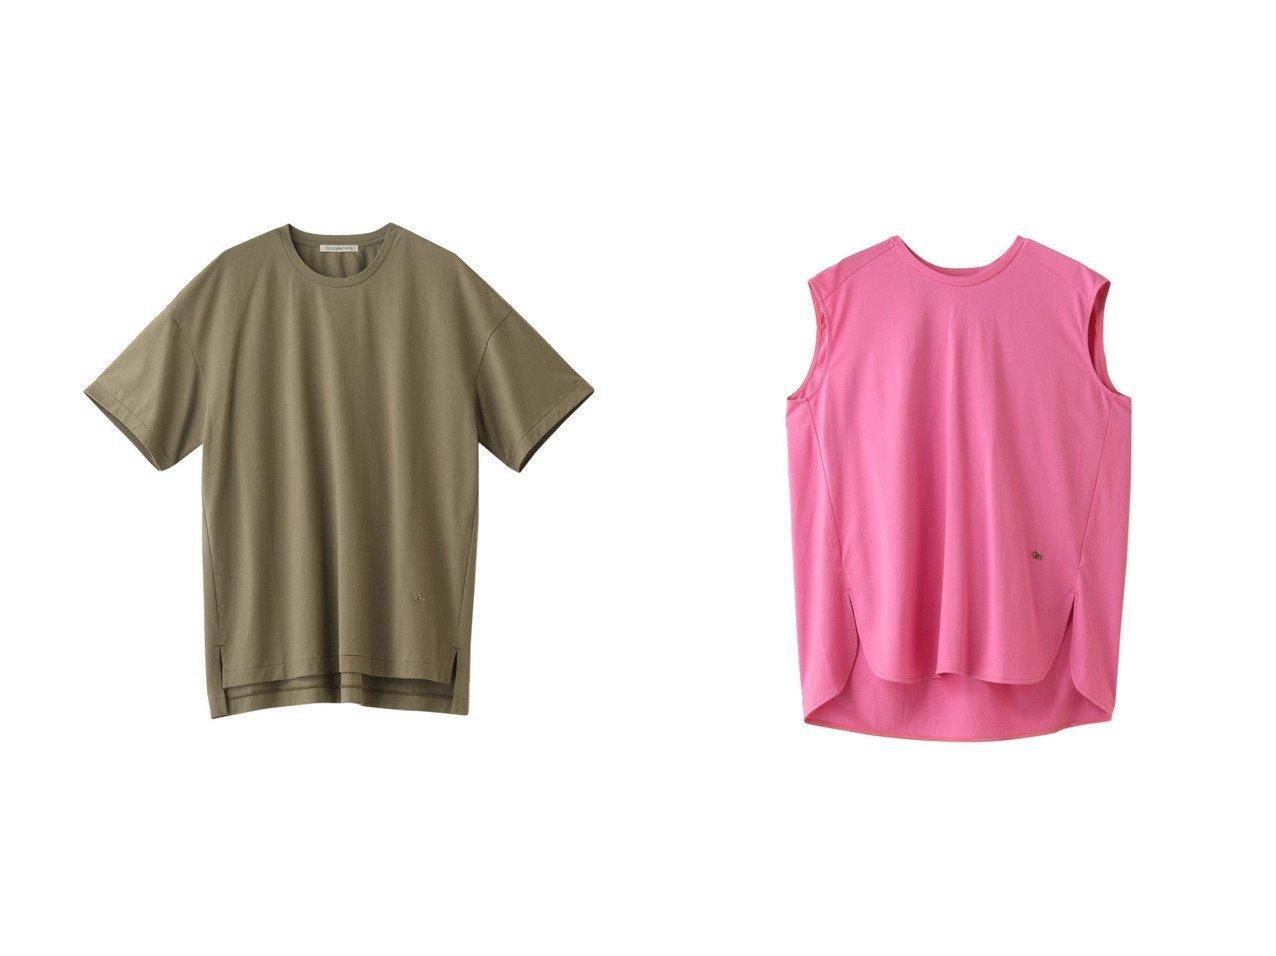 【DESIGN WORKS/デザイン ワークス】のクルーネックTシャツ&ノースリーブロングTシャツ 【トップス・カットソー】おすすめ!人気、トレンド・レディースファッションの通販 おすすめで人気の流行・トレンド、ファッションの通販商品 インテリア・家具・メンズファッション・キッズファッション・レディースファッション・服の通販 founy(ファニー) https://founy.com/ ファッション Fashion レディースファッション WOMEN トップス・カットソー Tops/Tshirt シャツ/ブラウス Shirts/Blouses ロング / Tシャツ T-Shirts カットソー Cut and Sewn キャミソール / ノースリーブ No Sleeves インド ショート シンプル スリーブ キャミソール ギャザー スリット タンク ノースリーブ ロング |ID:crp329100000049511